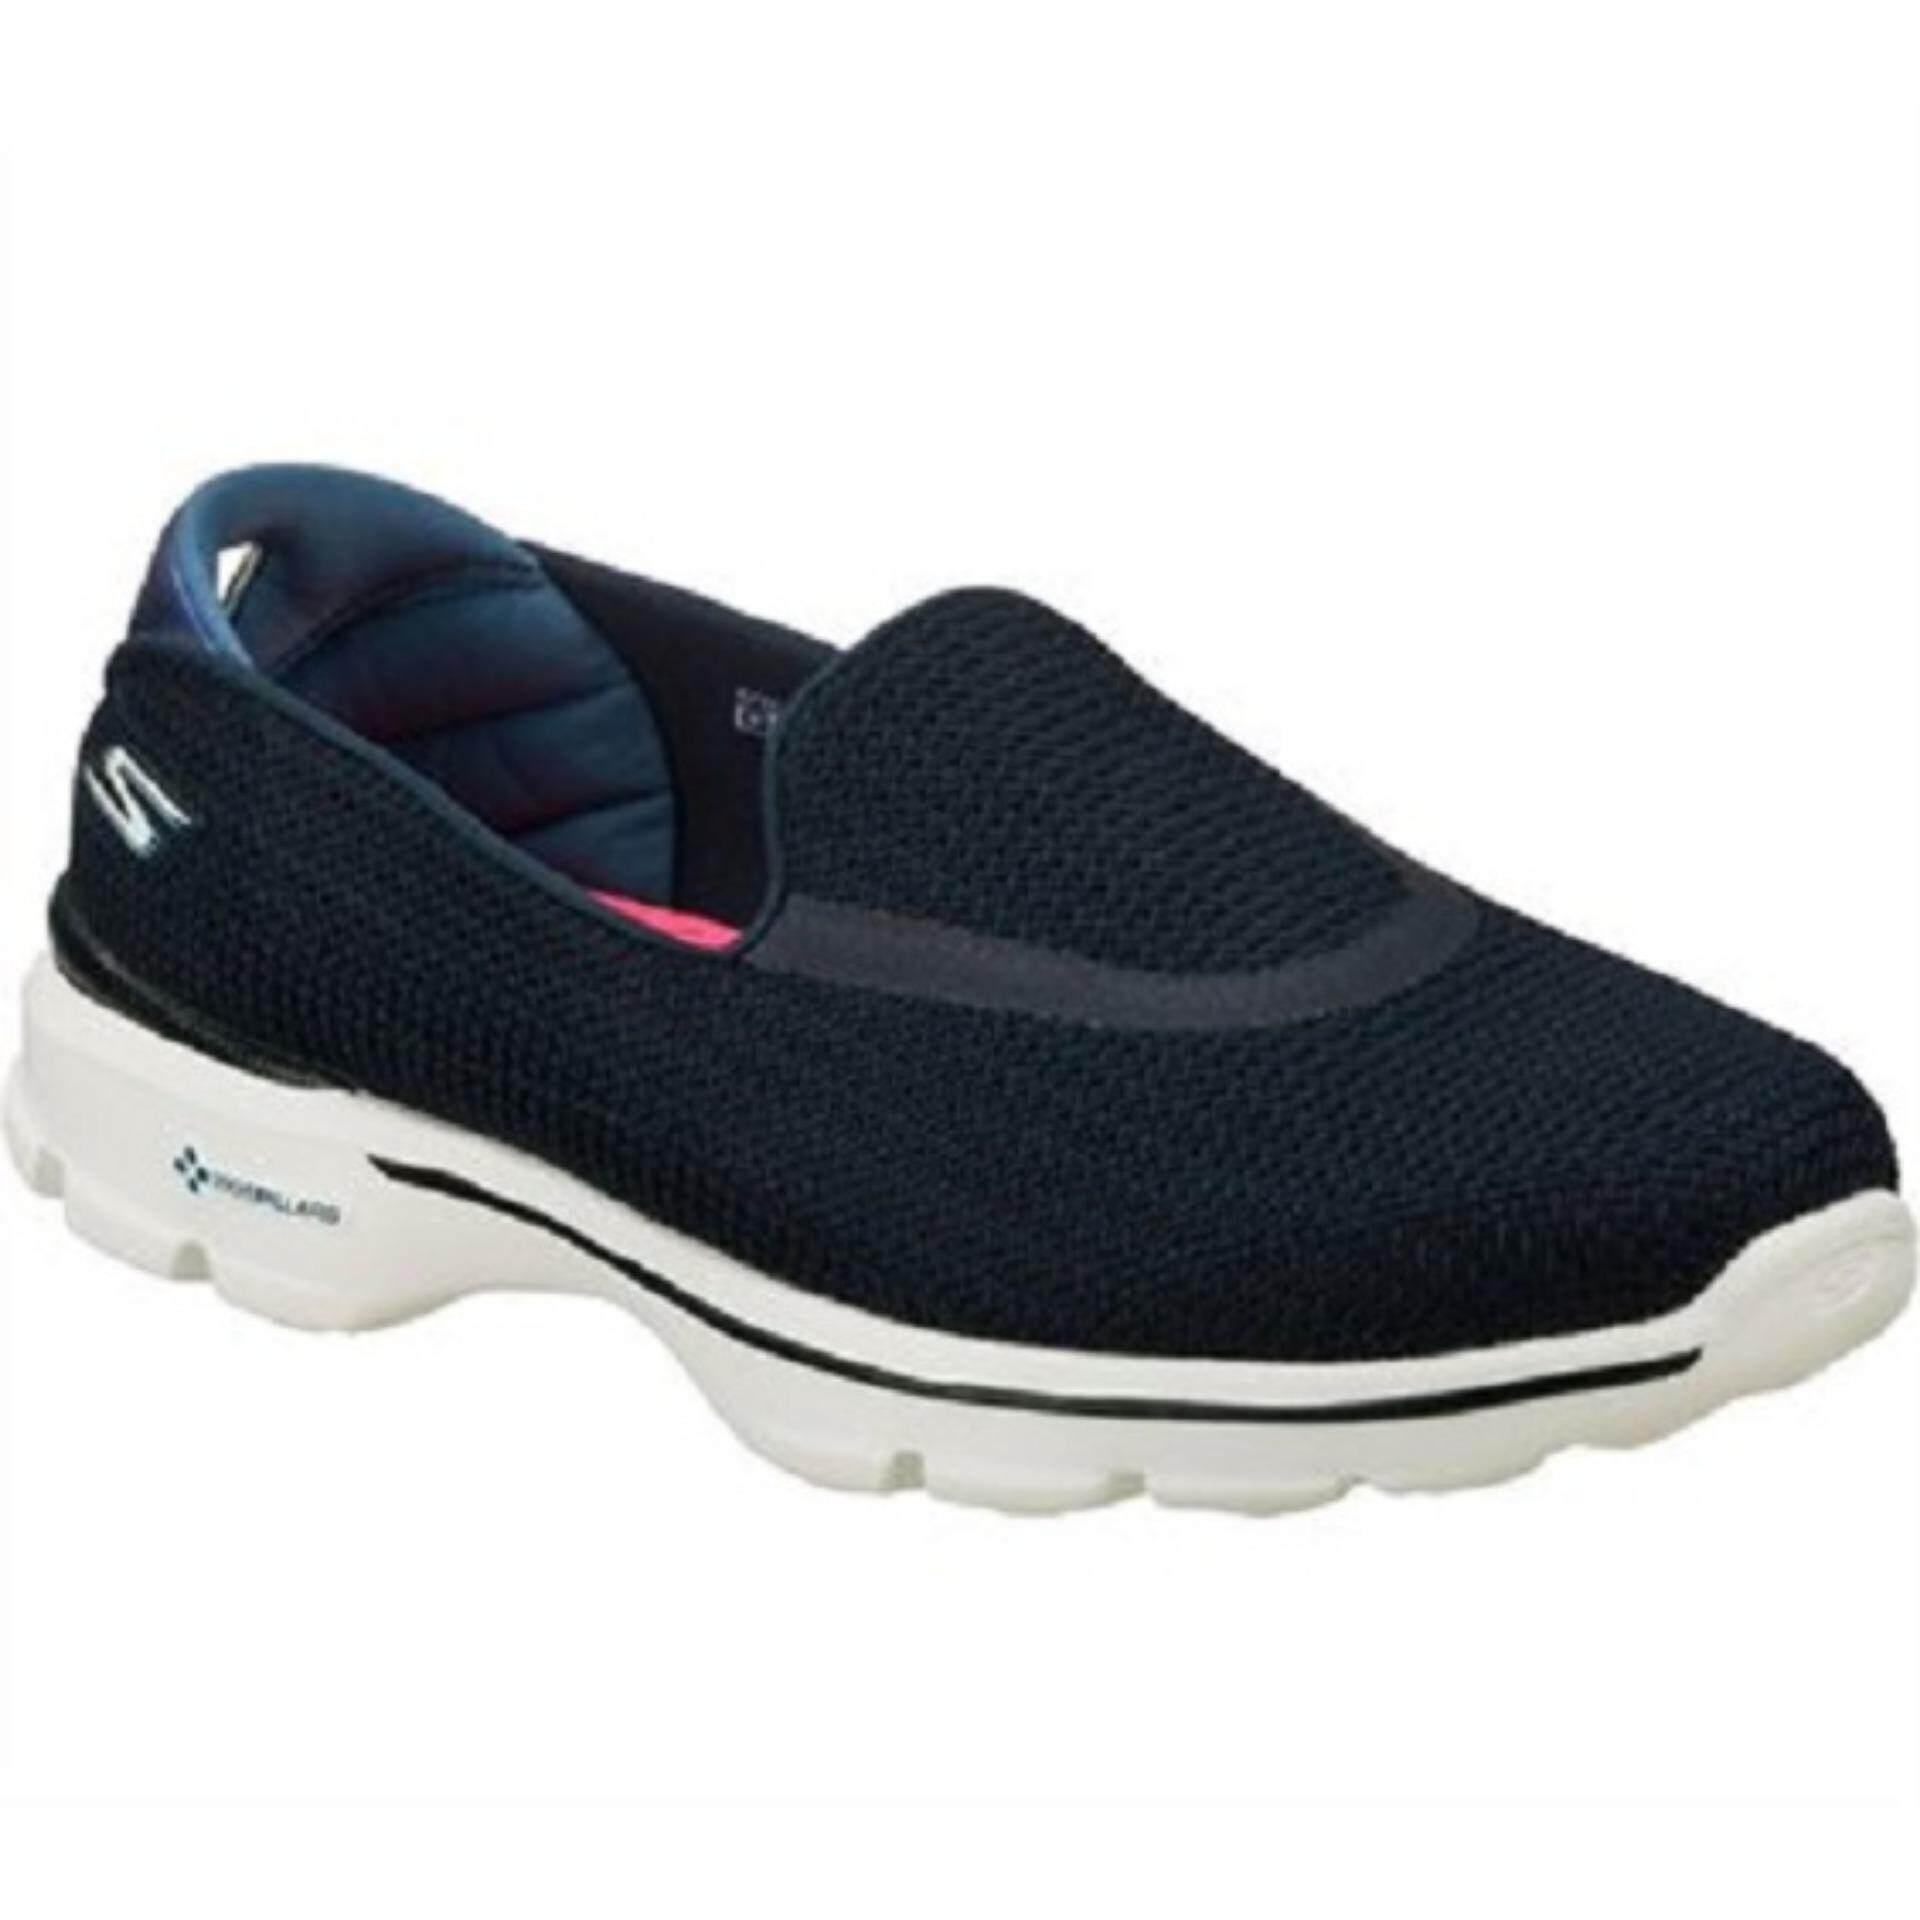 Fitur Sepatu Wanita Santai Slipon Skechers Gowalk Ringan Slip Diskon ... 5a261b8199